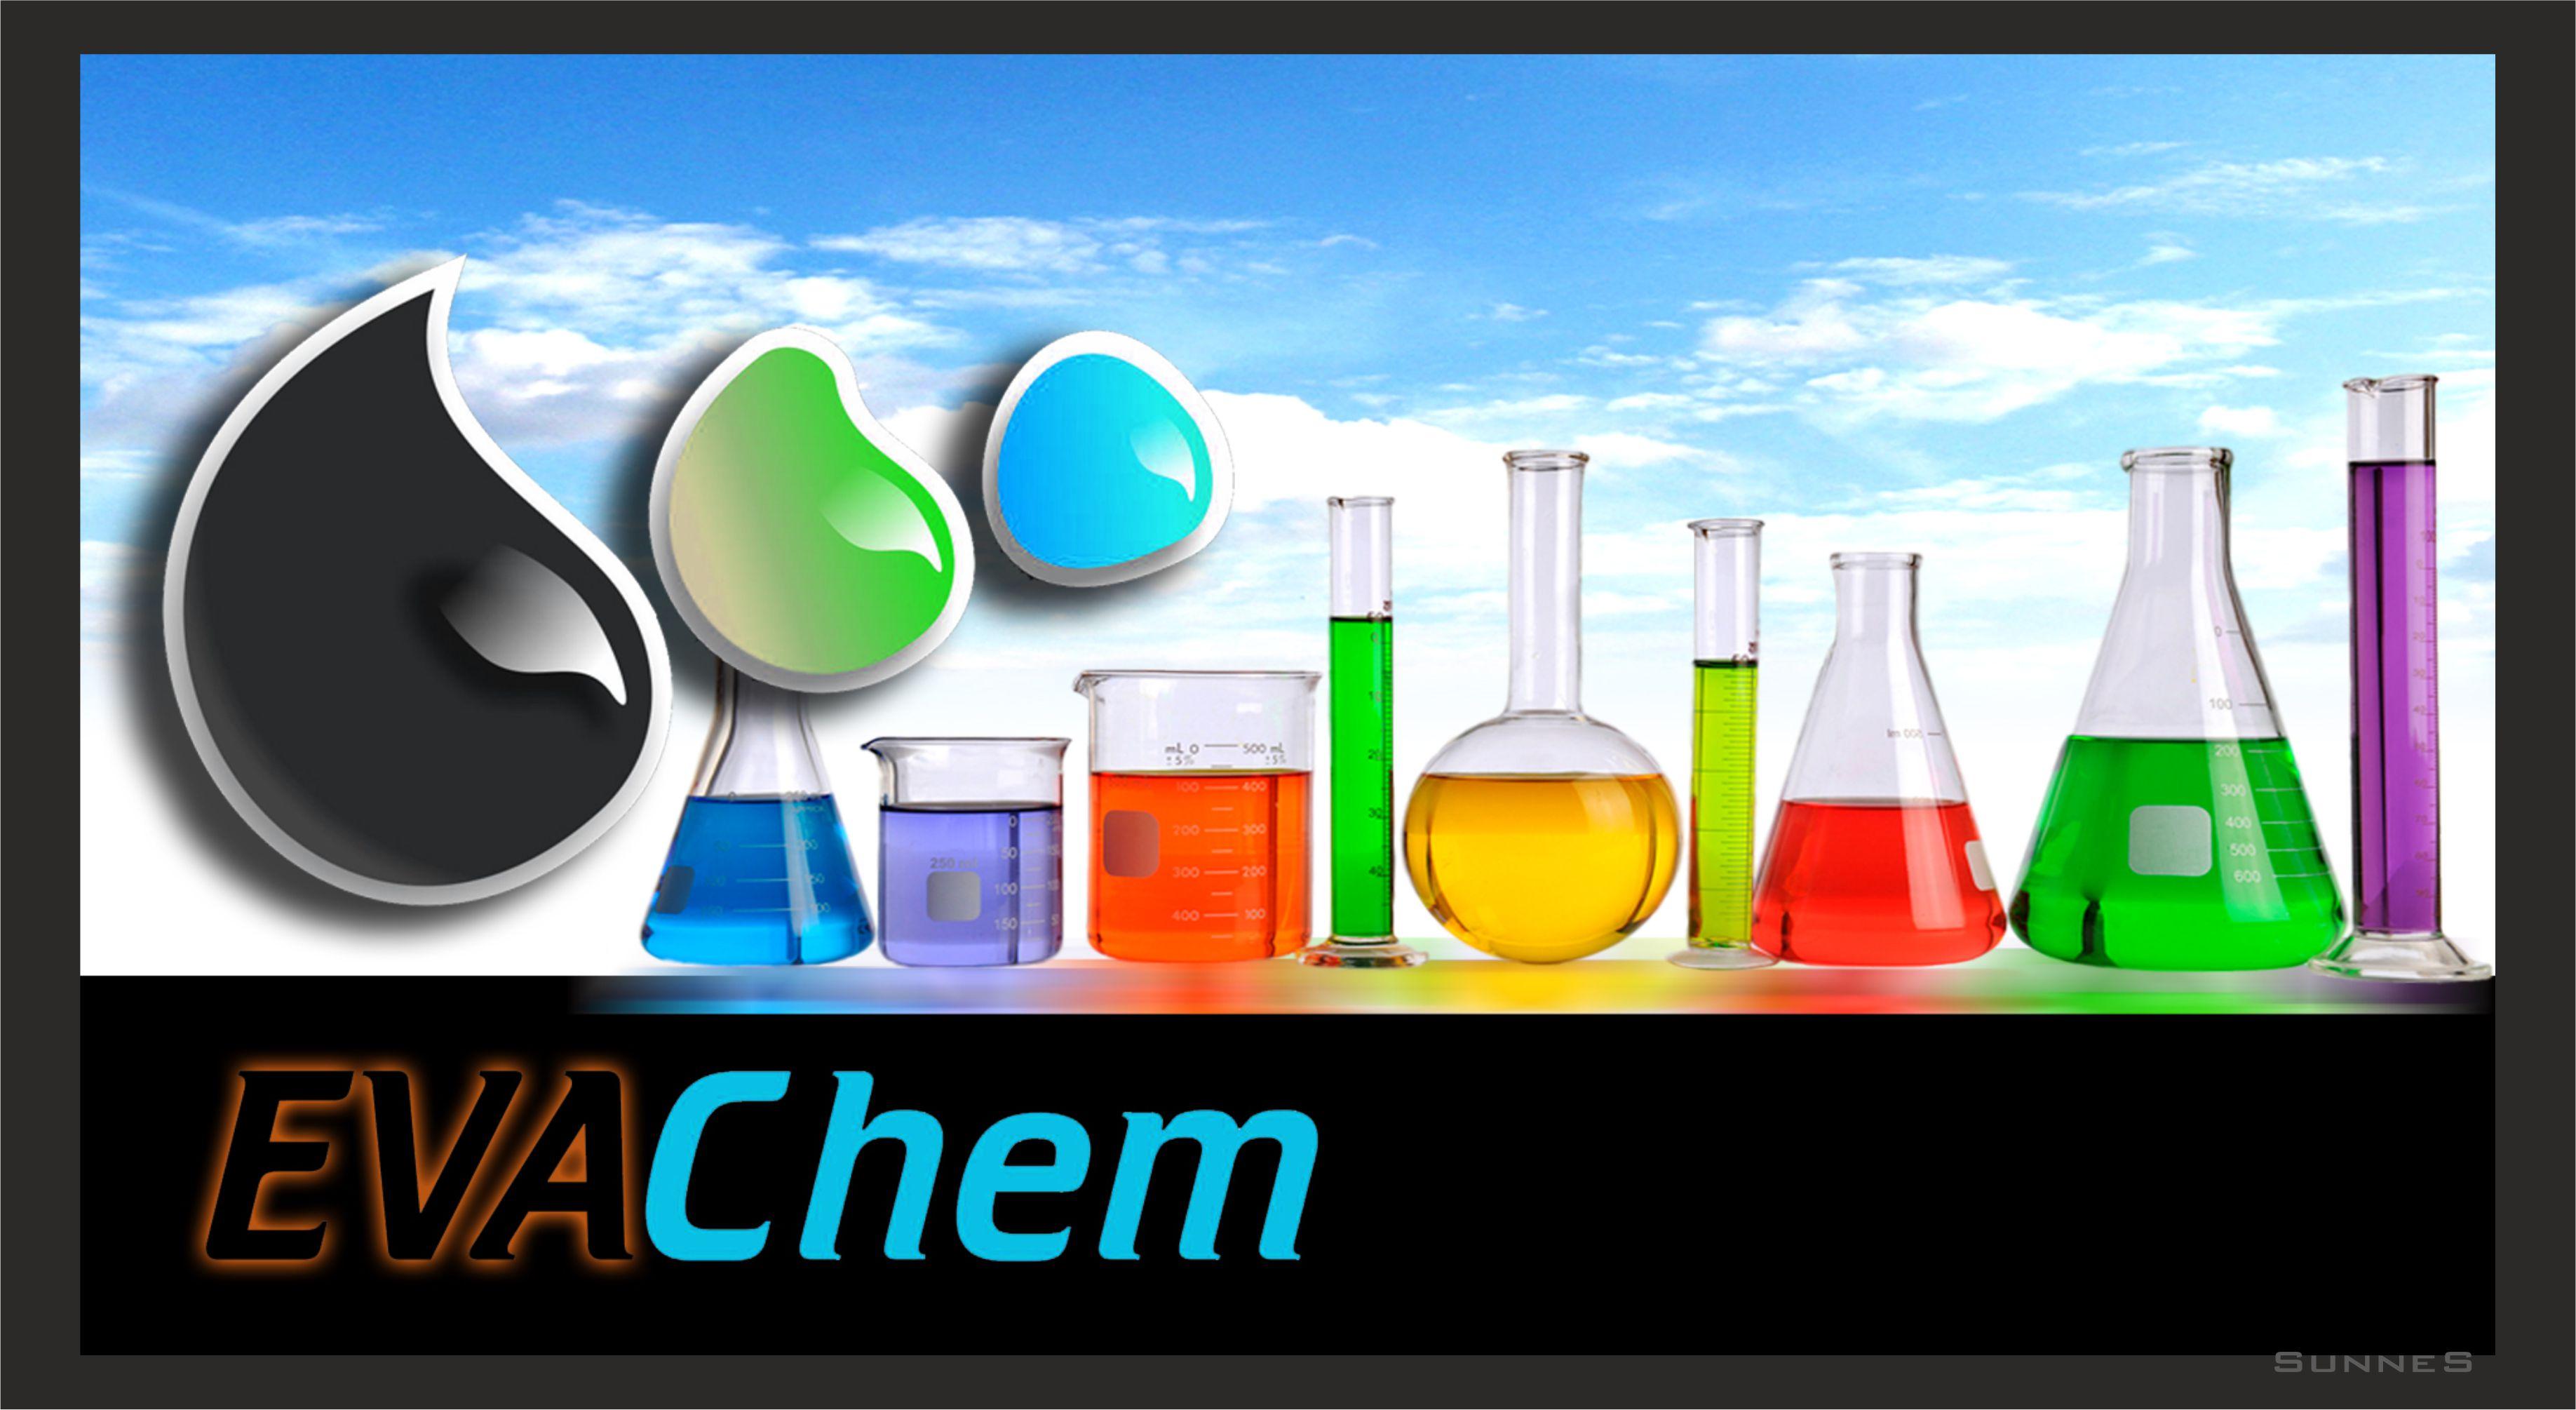 Разработка логотипа и фирменного стиля компании фото f_831572a2719864b2.jpg